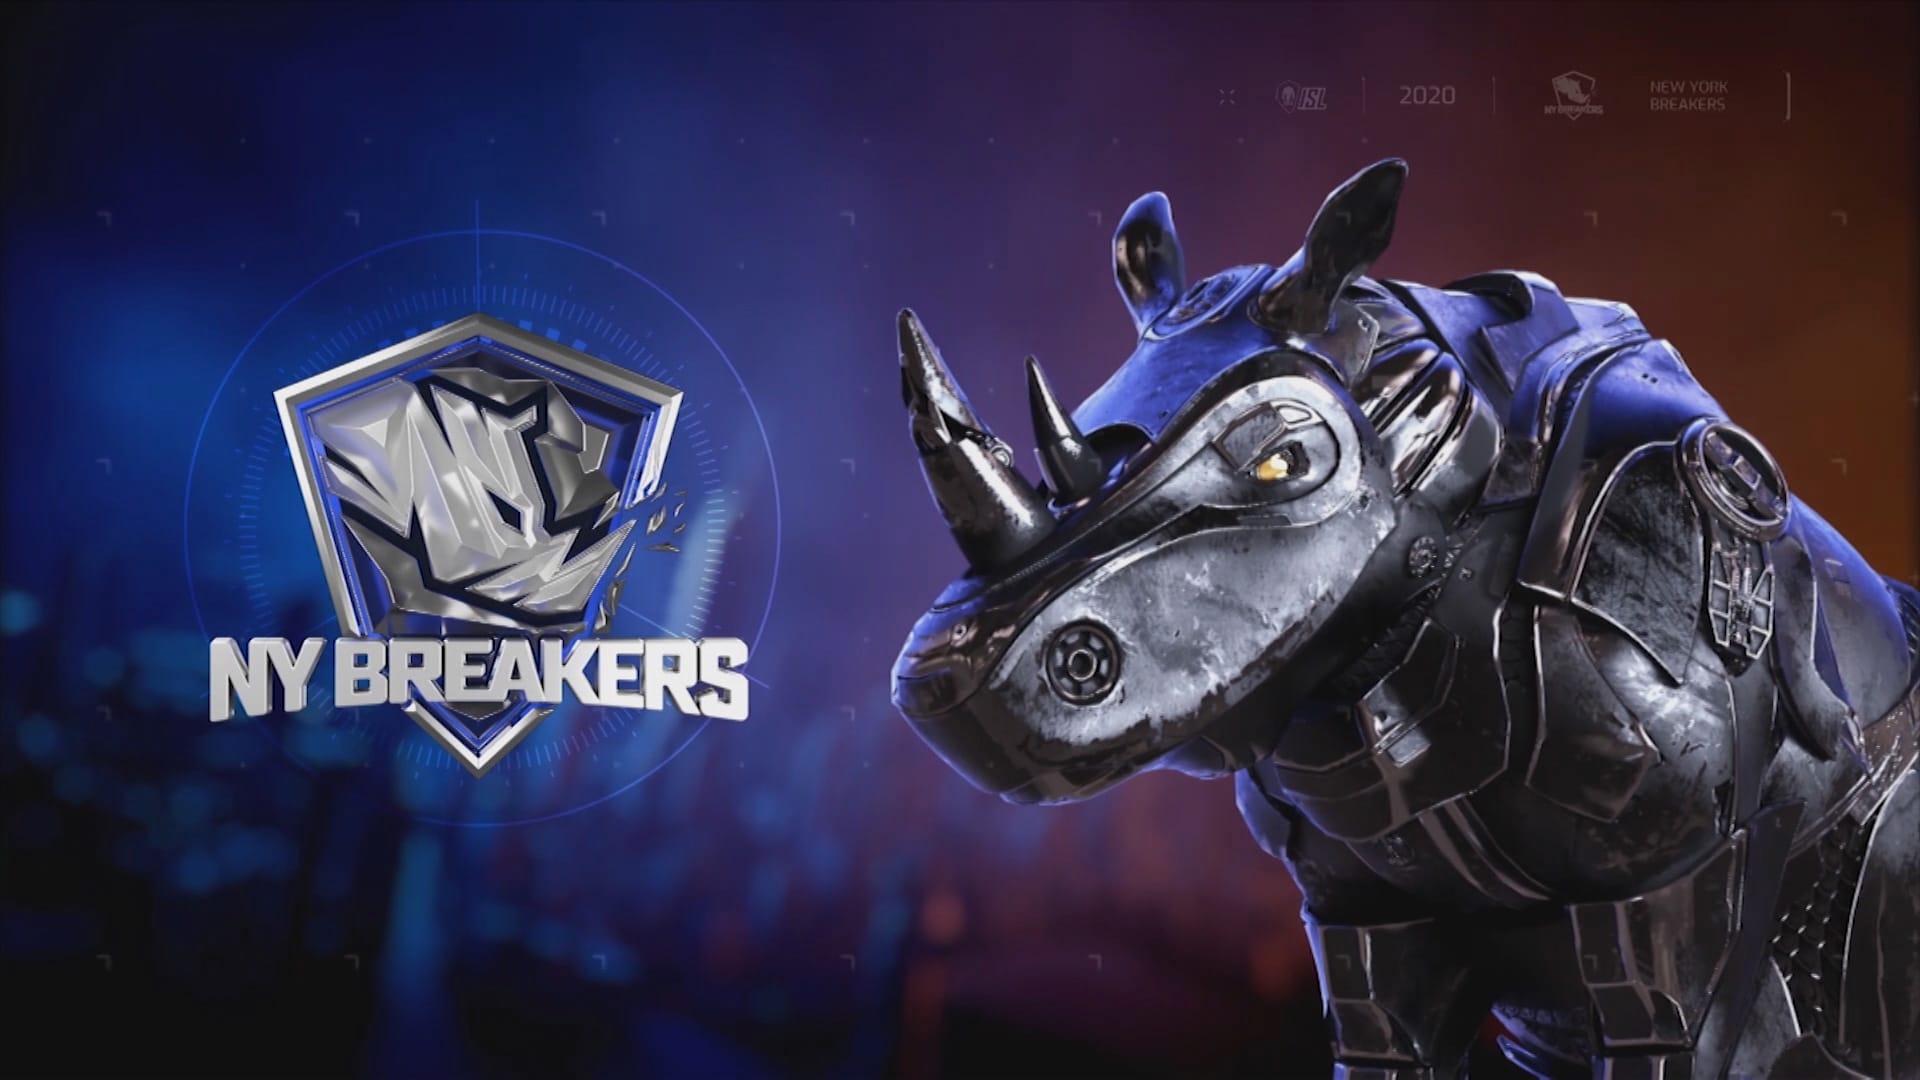 Girraphic ISL 2020 NY Breakers